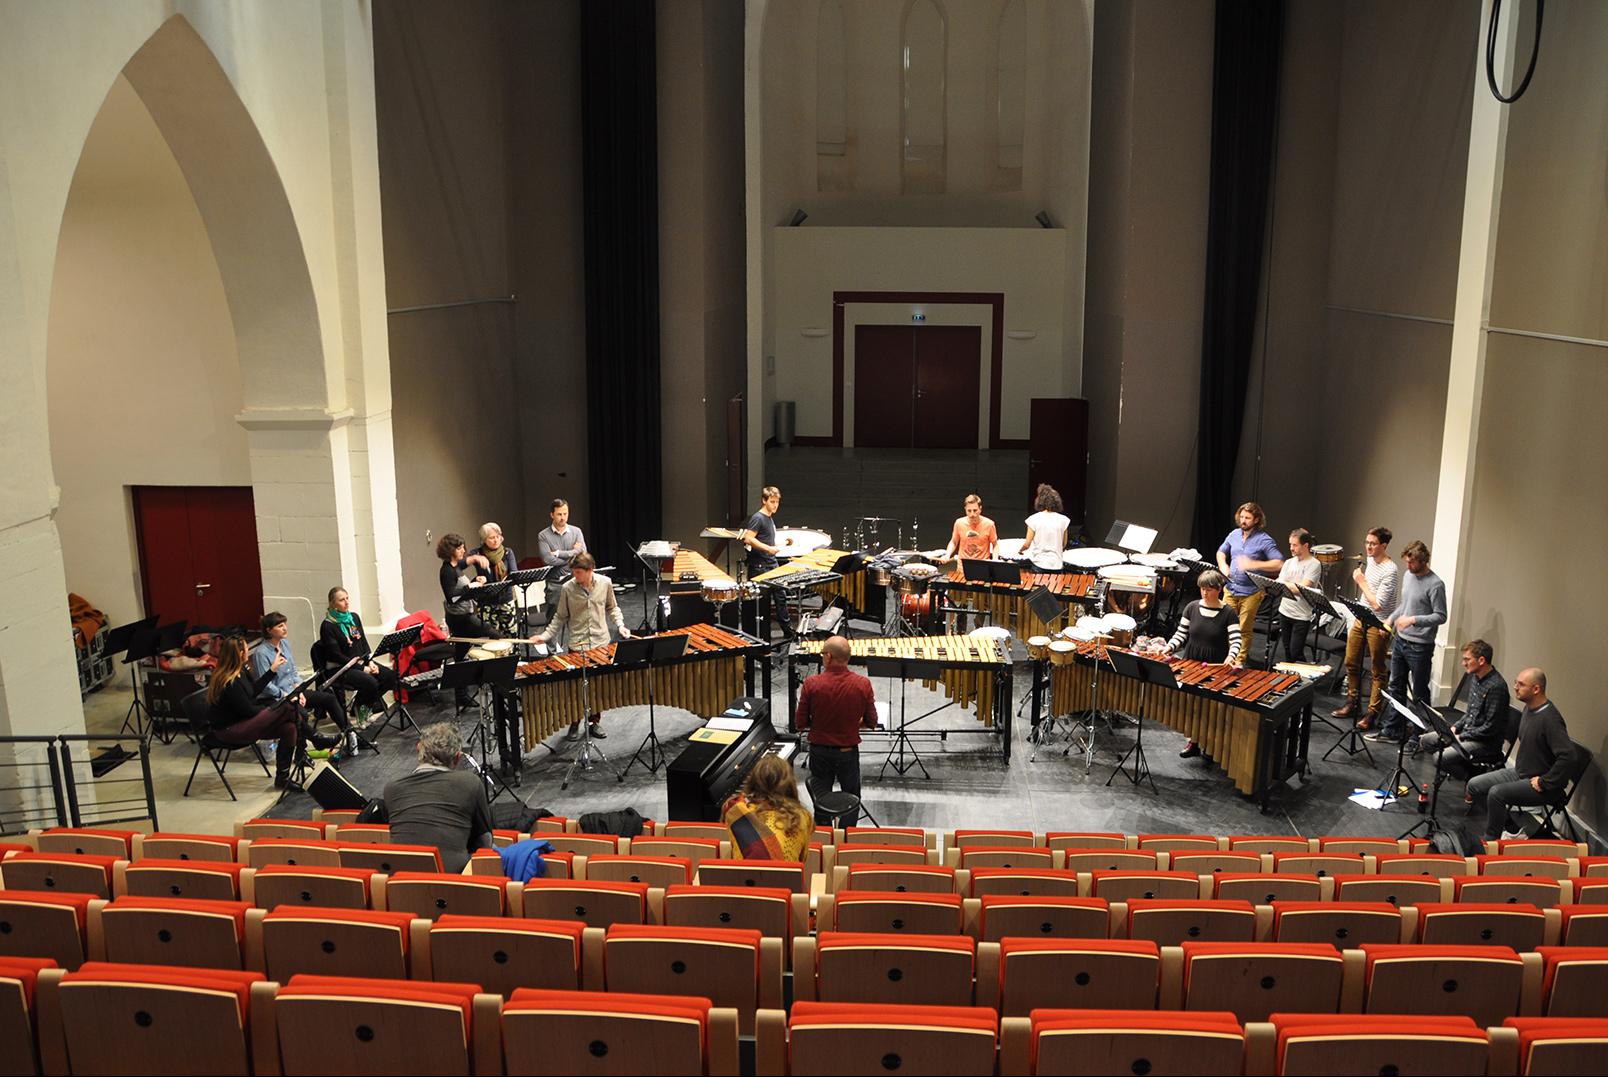 Répétition à Sorèze avec les Percussions Claviers de Lyon © Juliette Magniez